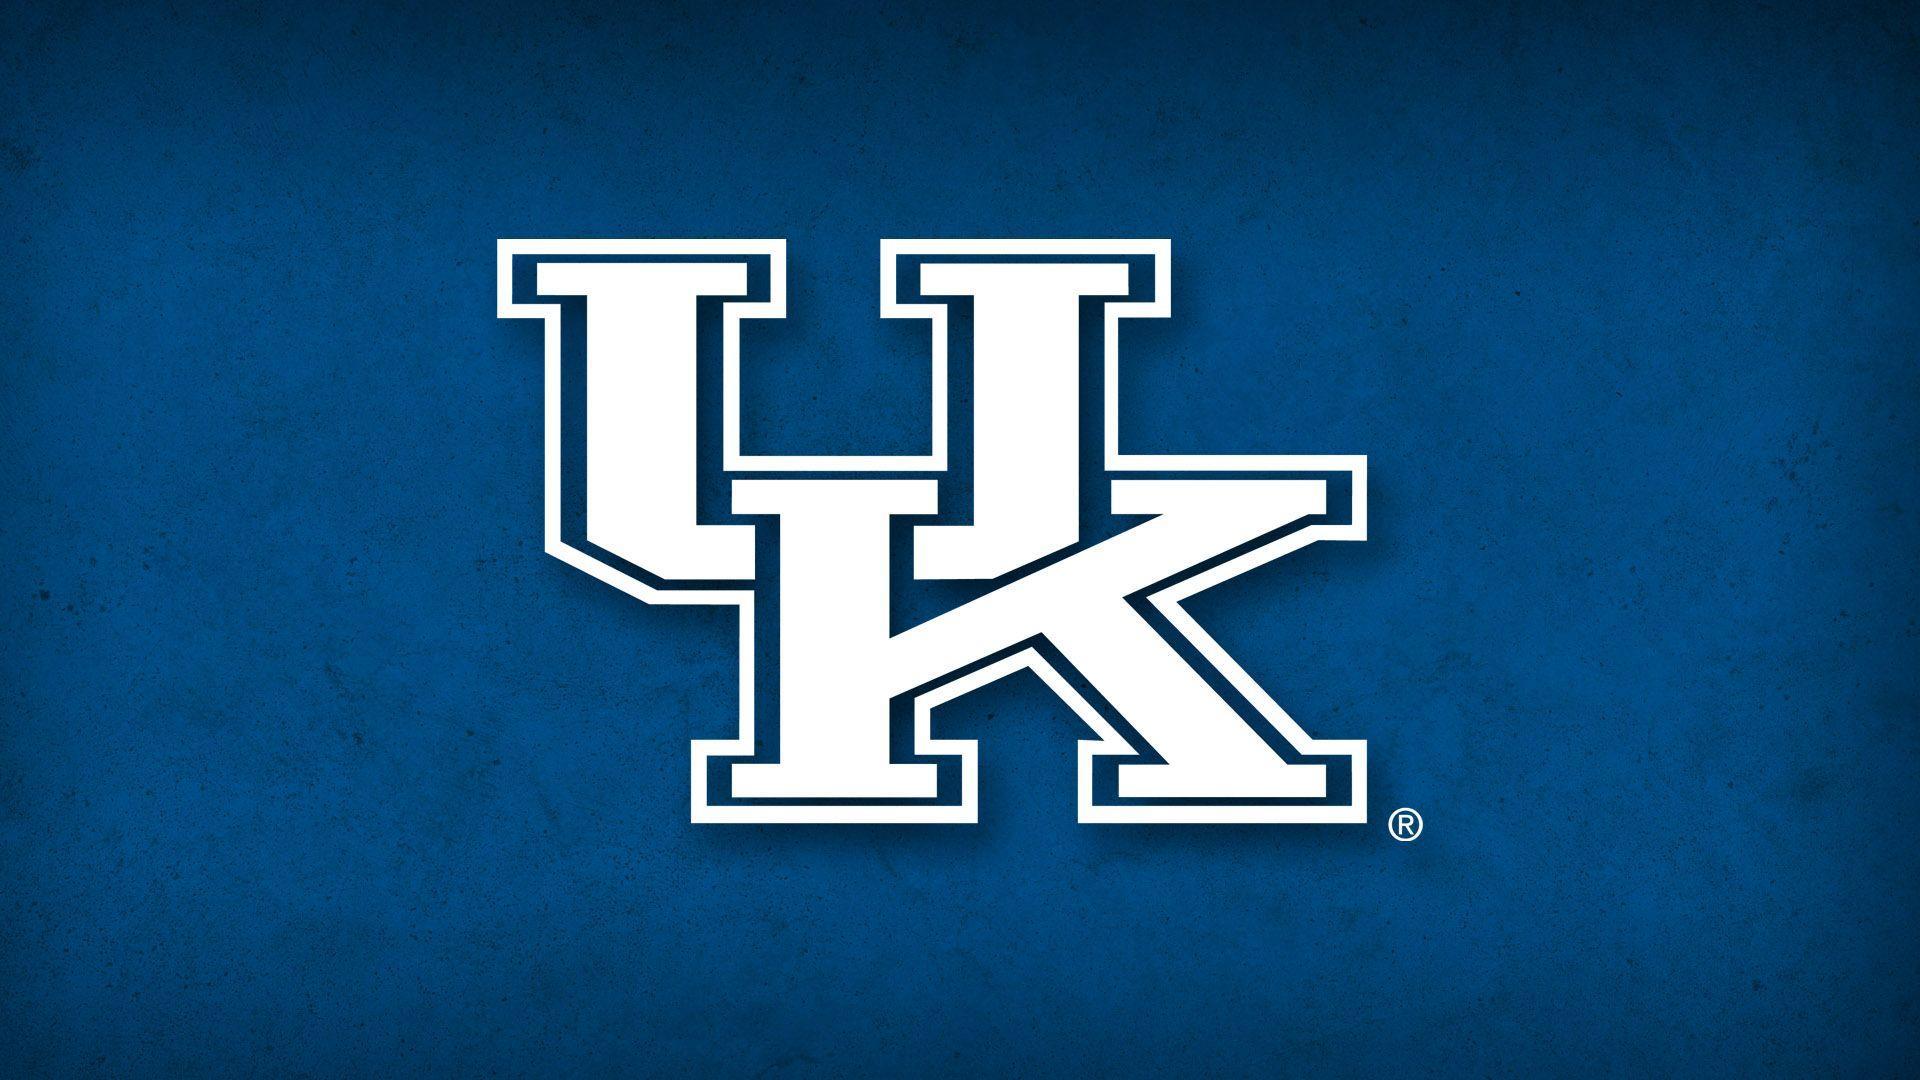 Plangton Wallpaper University Of Kentucky Wallpaper: Kentucky Basketball Wallpapers